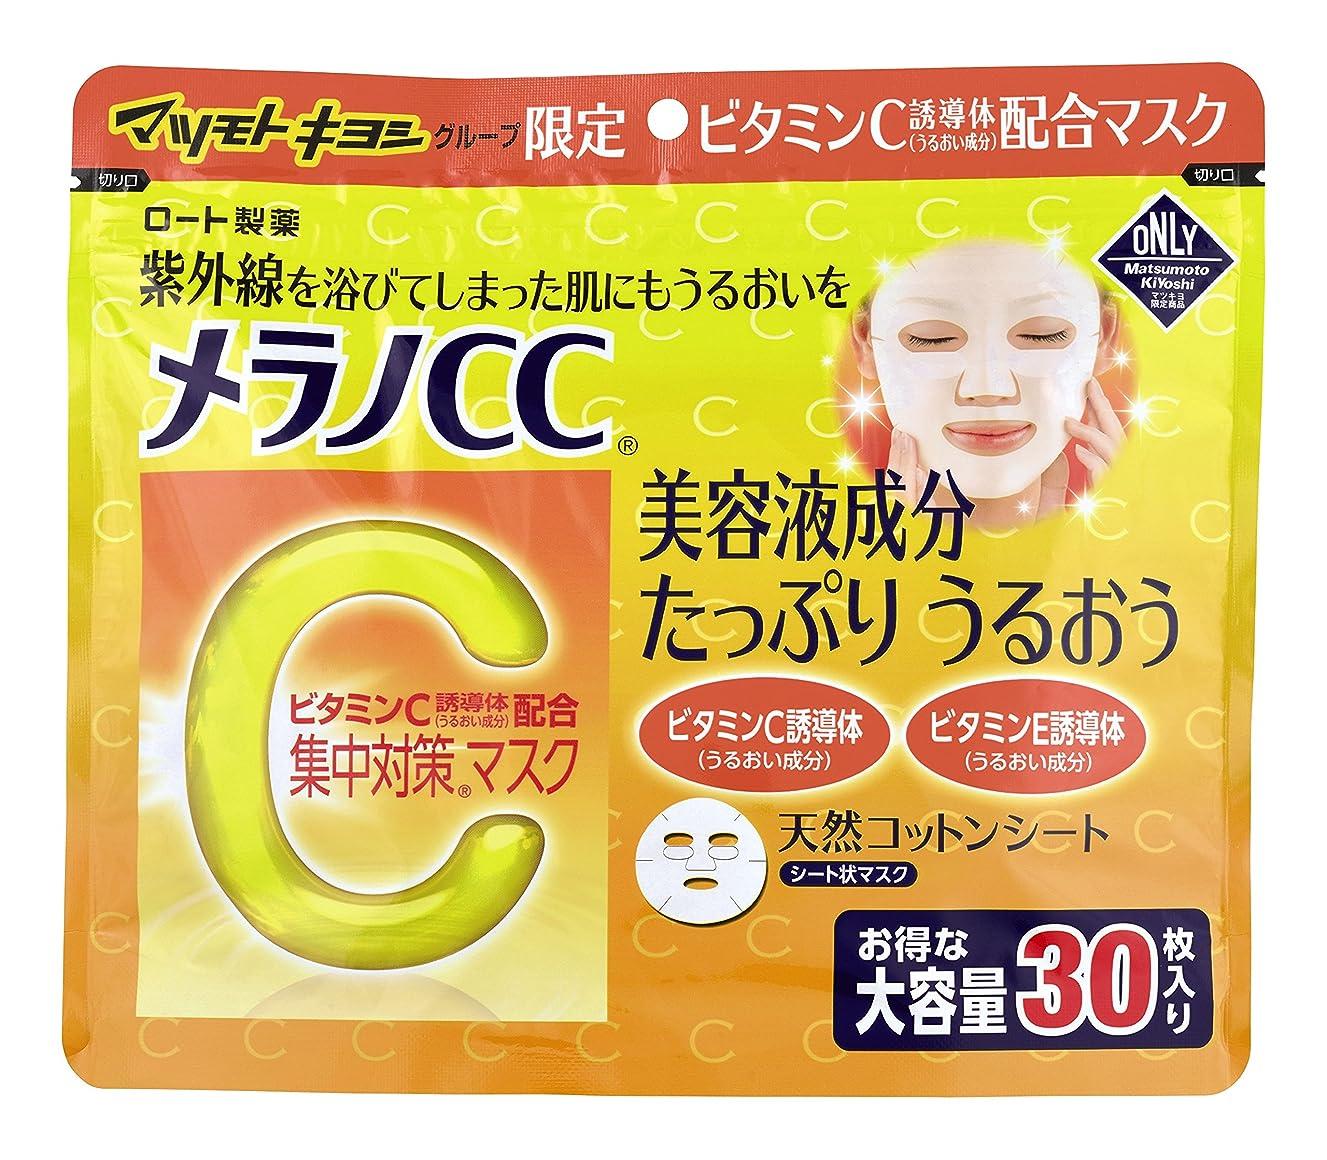 含める申請中左ロート製薬 メラノCC 集中対策マスク 大容量 30枚